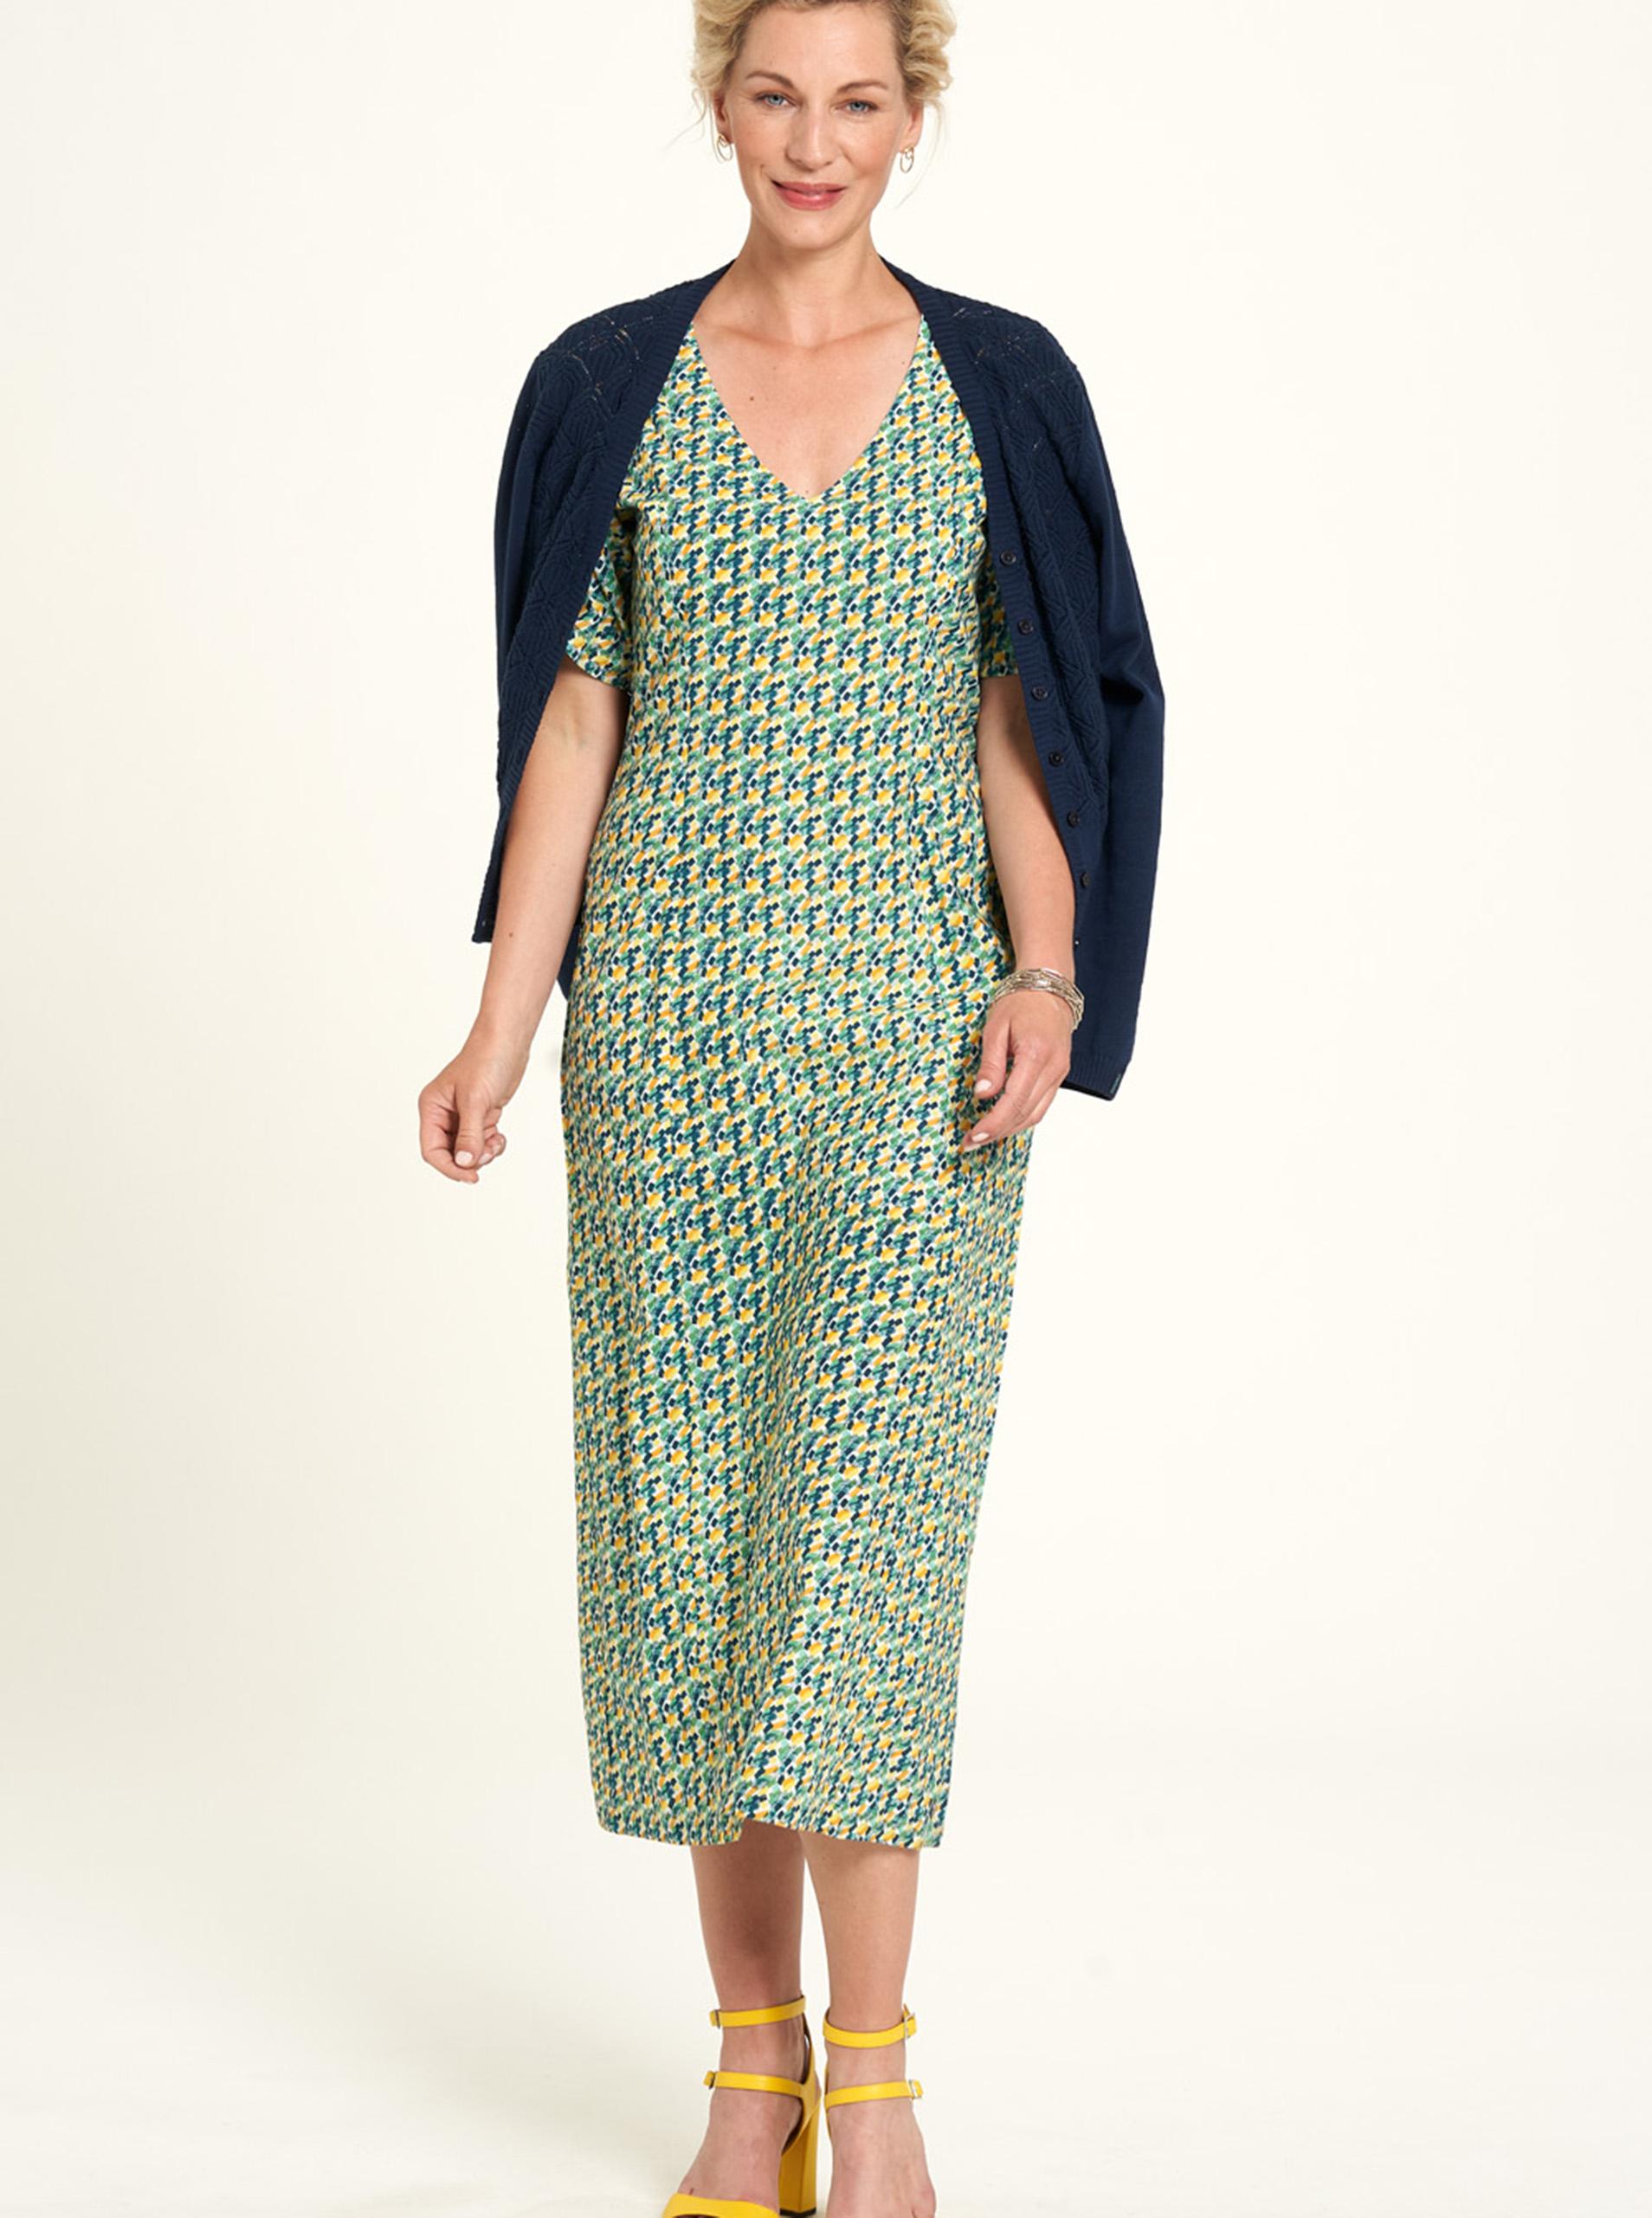 Tranquillo multicolor midi dress with small pattern